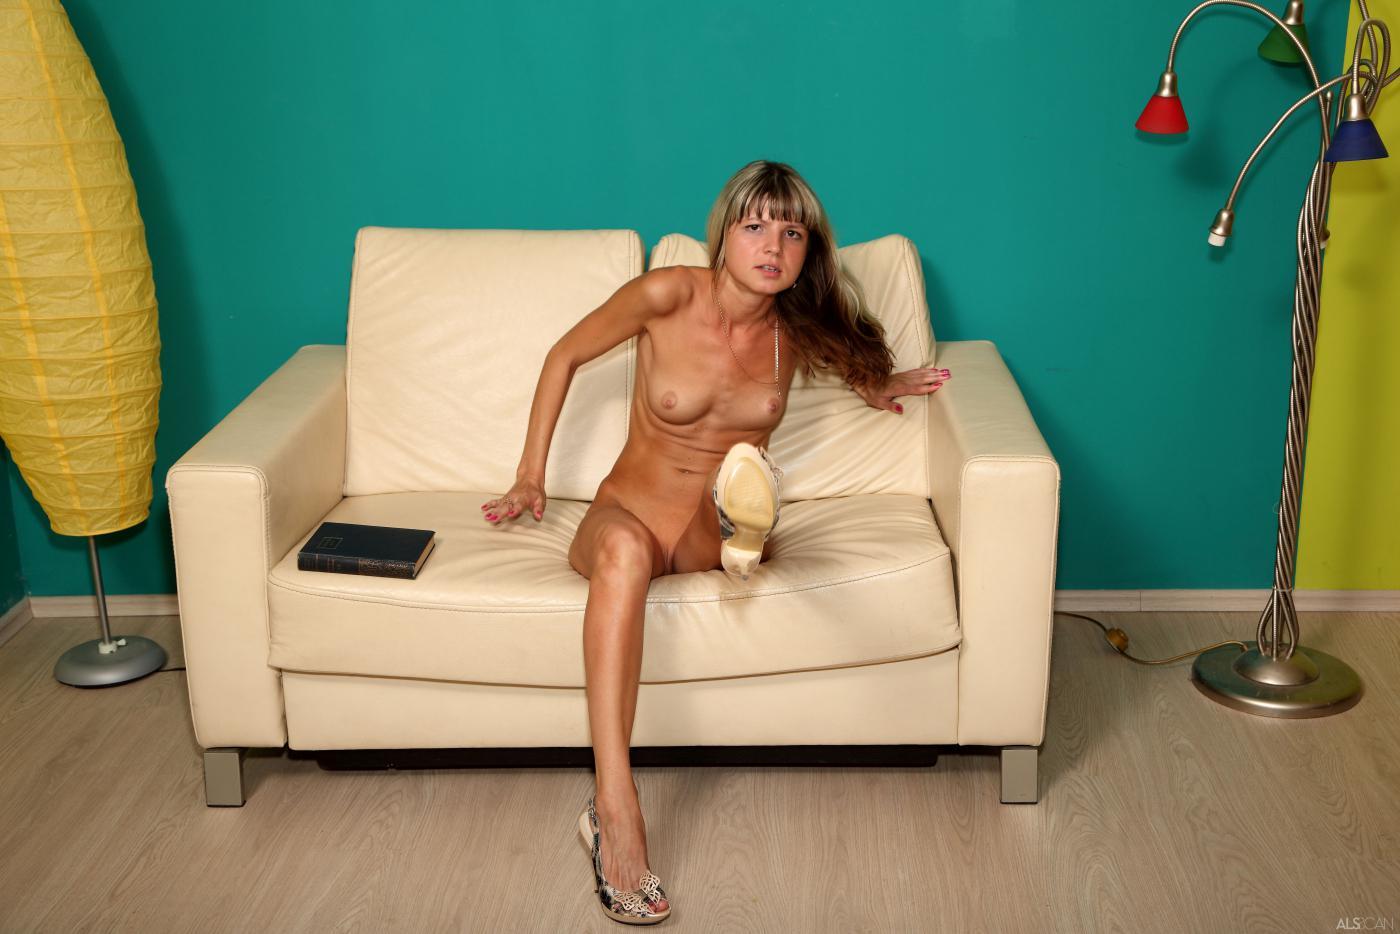 Обнаженная детка Gina Gerson раздвигает половые губки и засовывает дилдо в свою киску